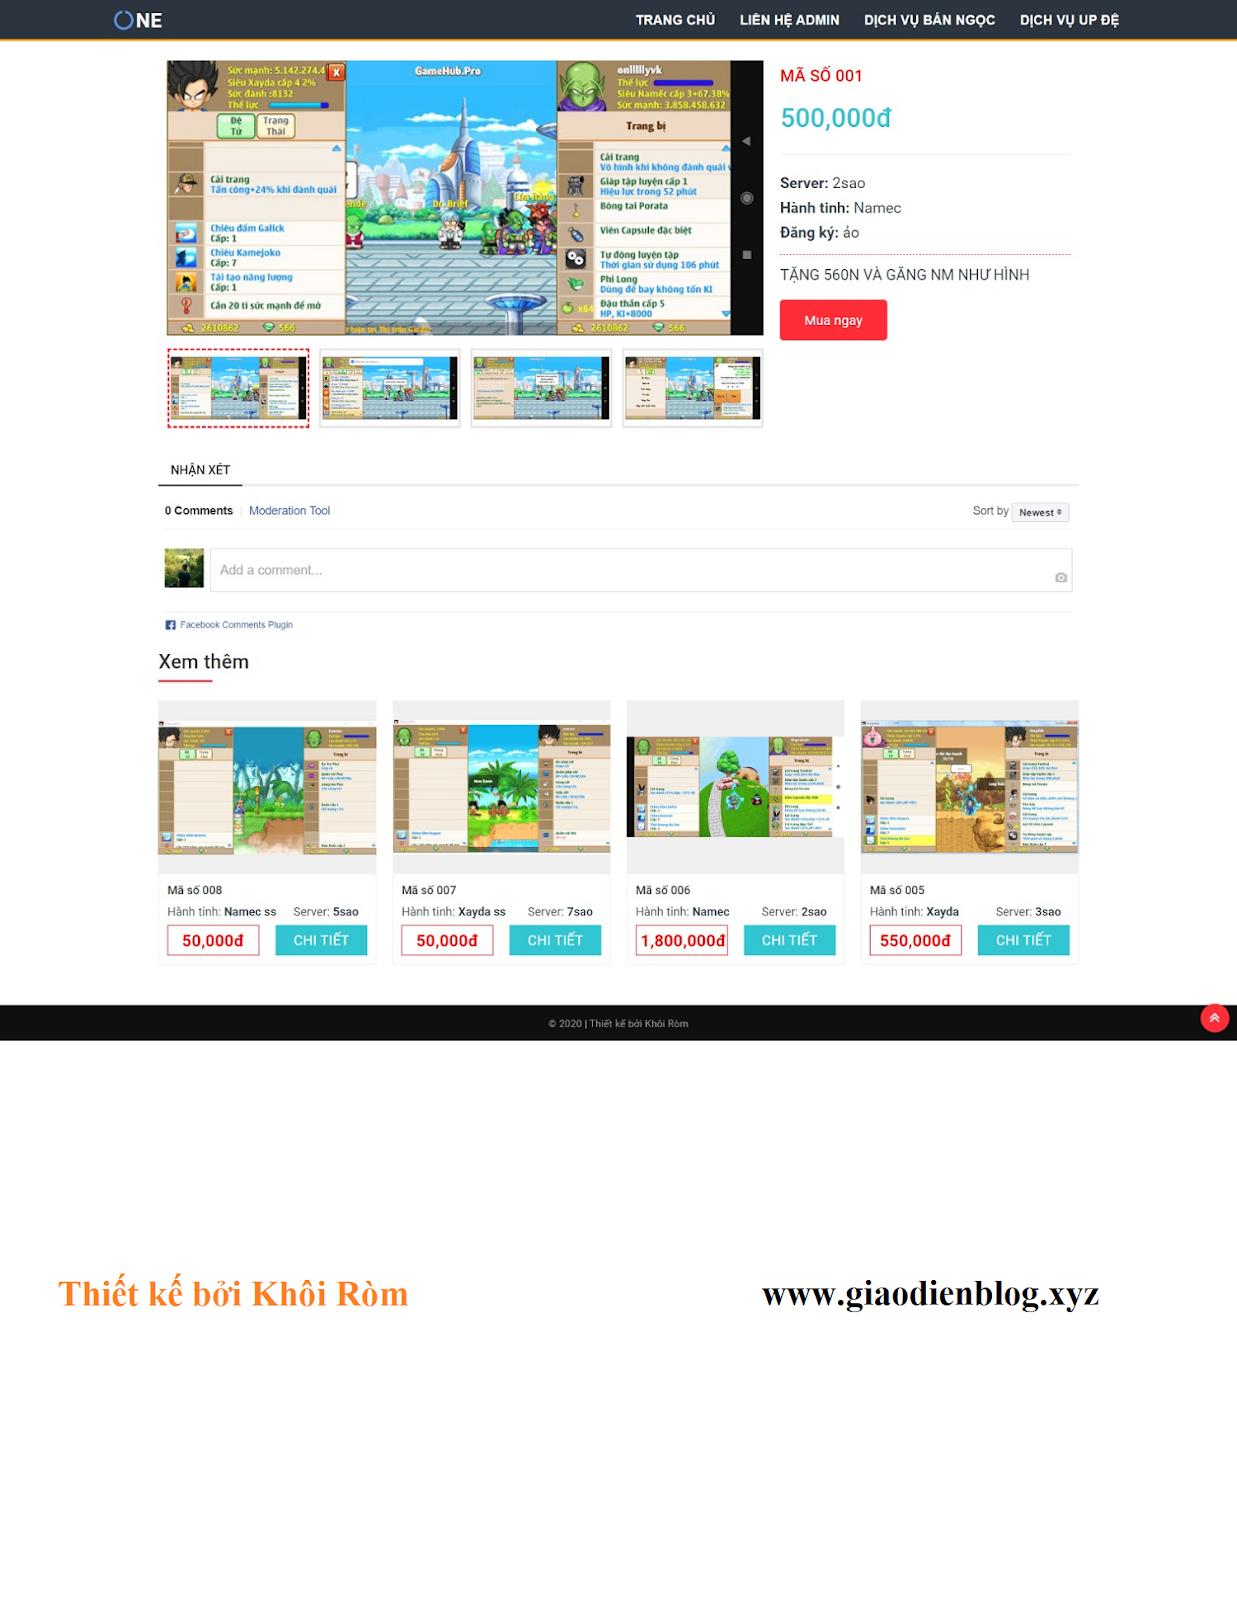 Mẫu giao diện blogspot bán acc game ngọc rồng - Ảnh 2